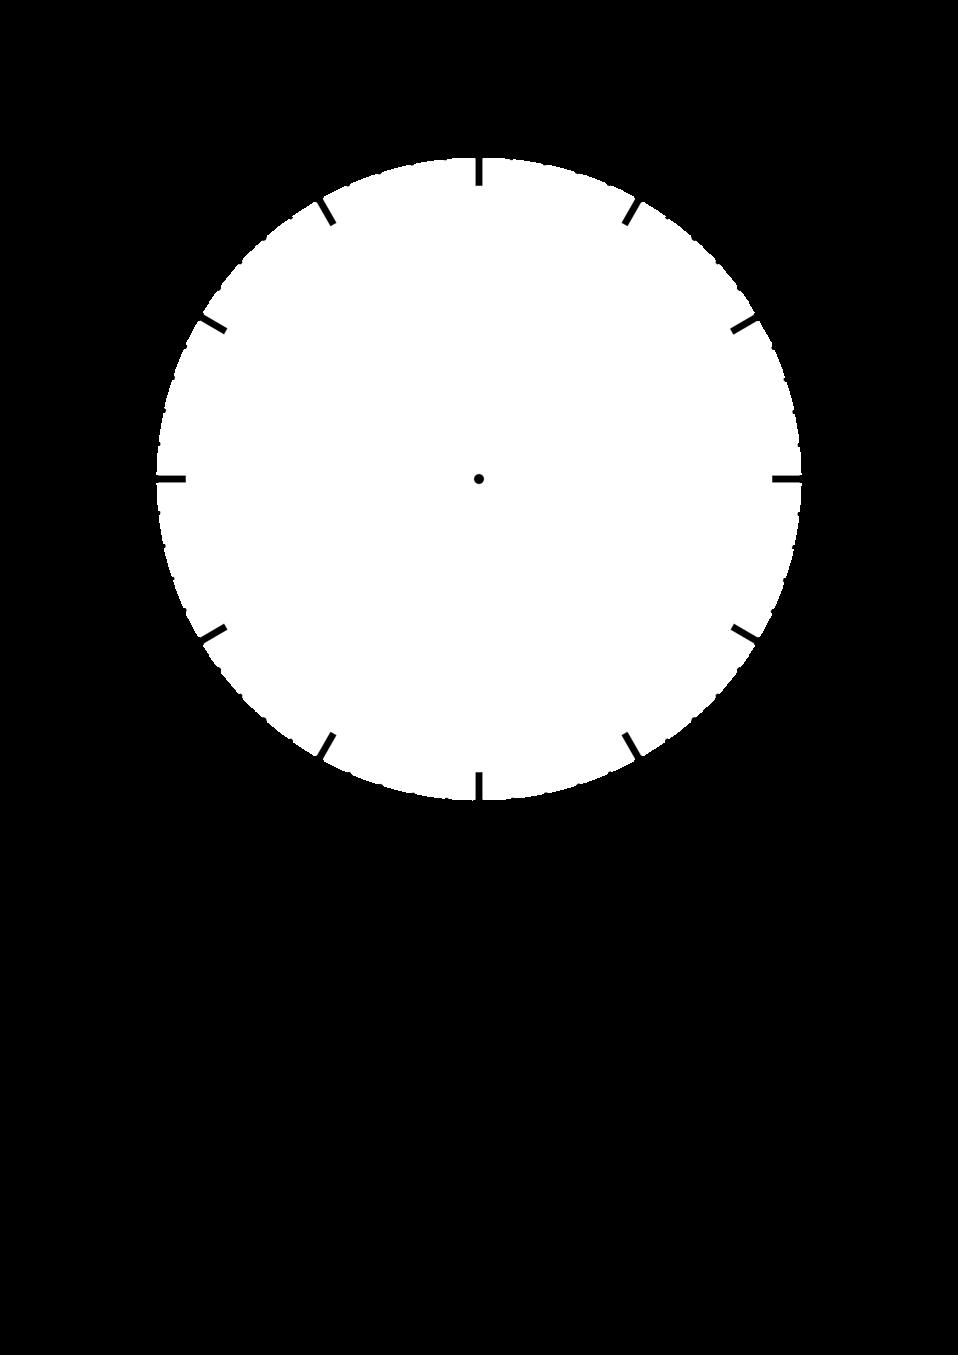 DIY clock face